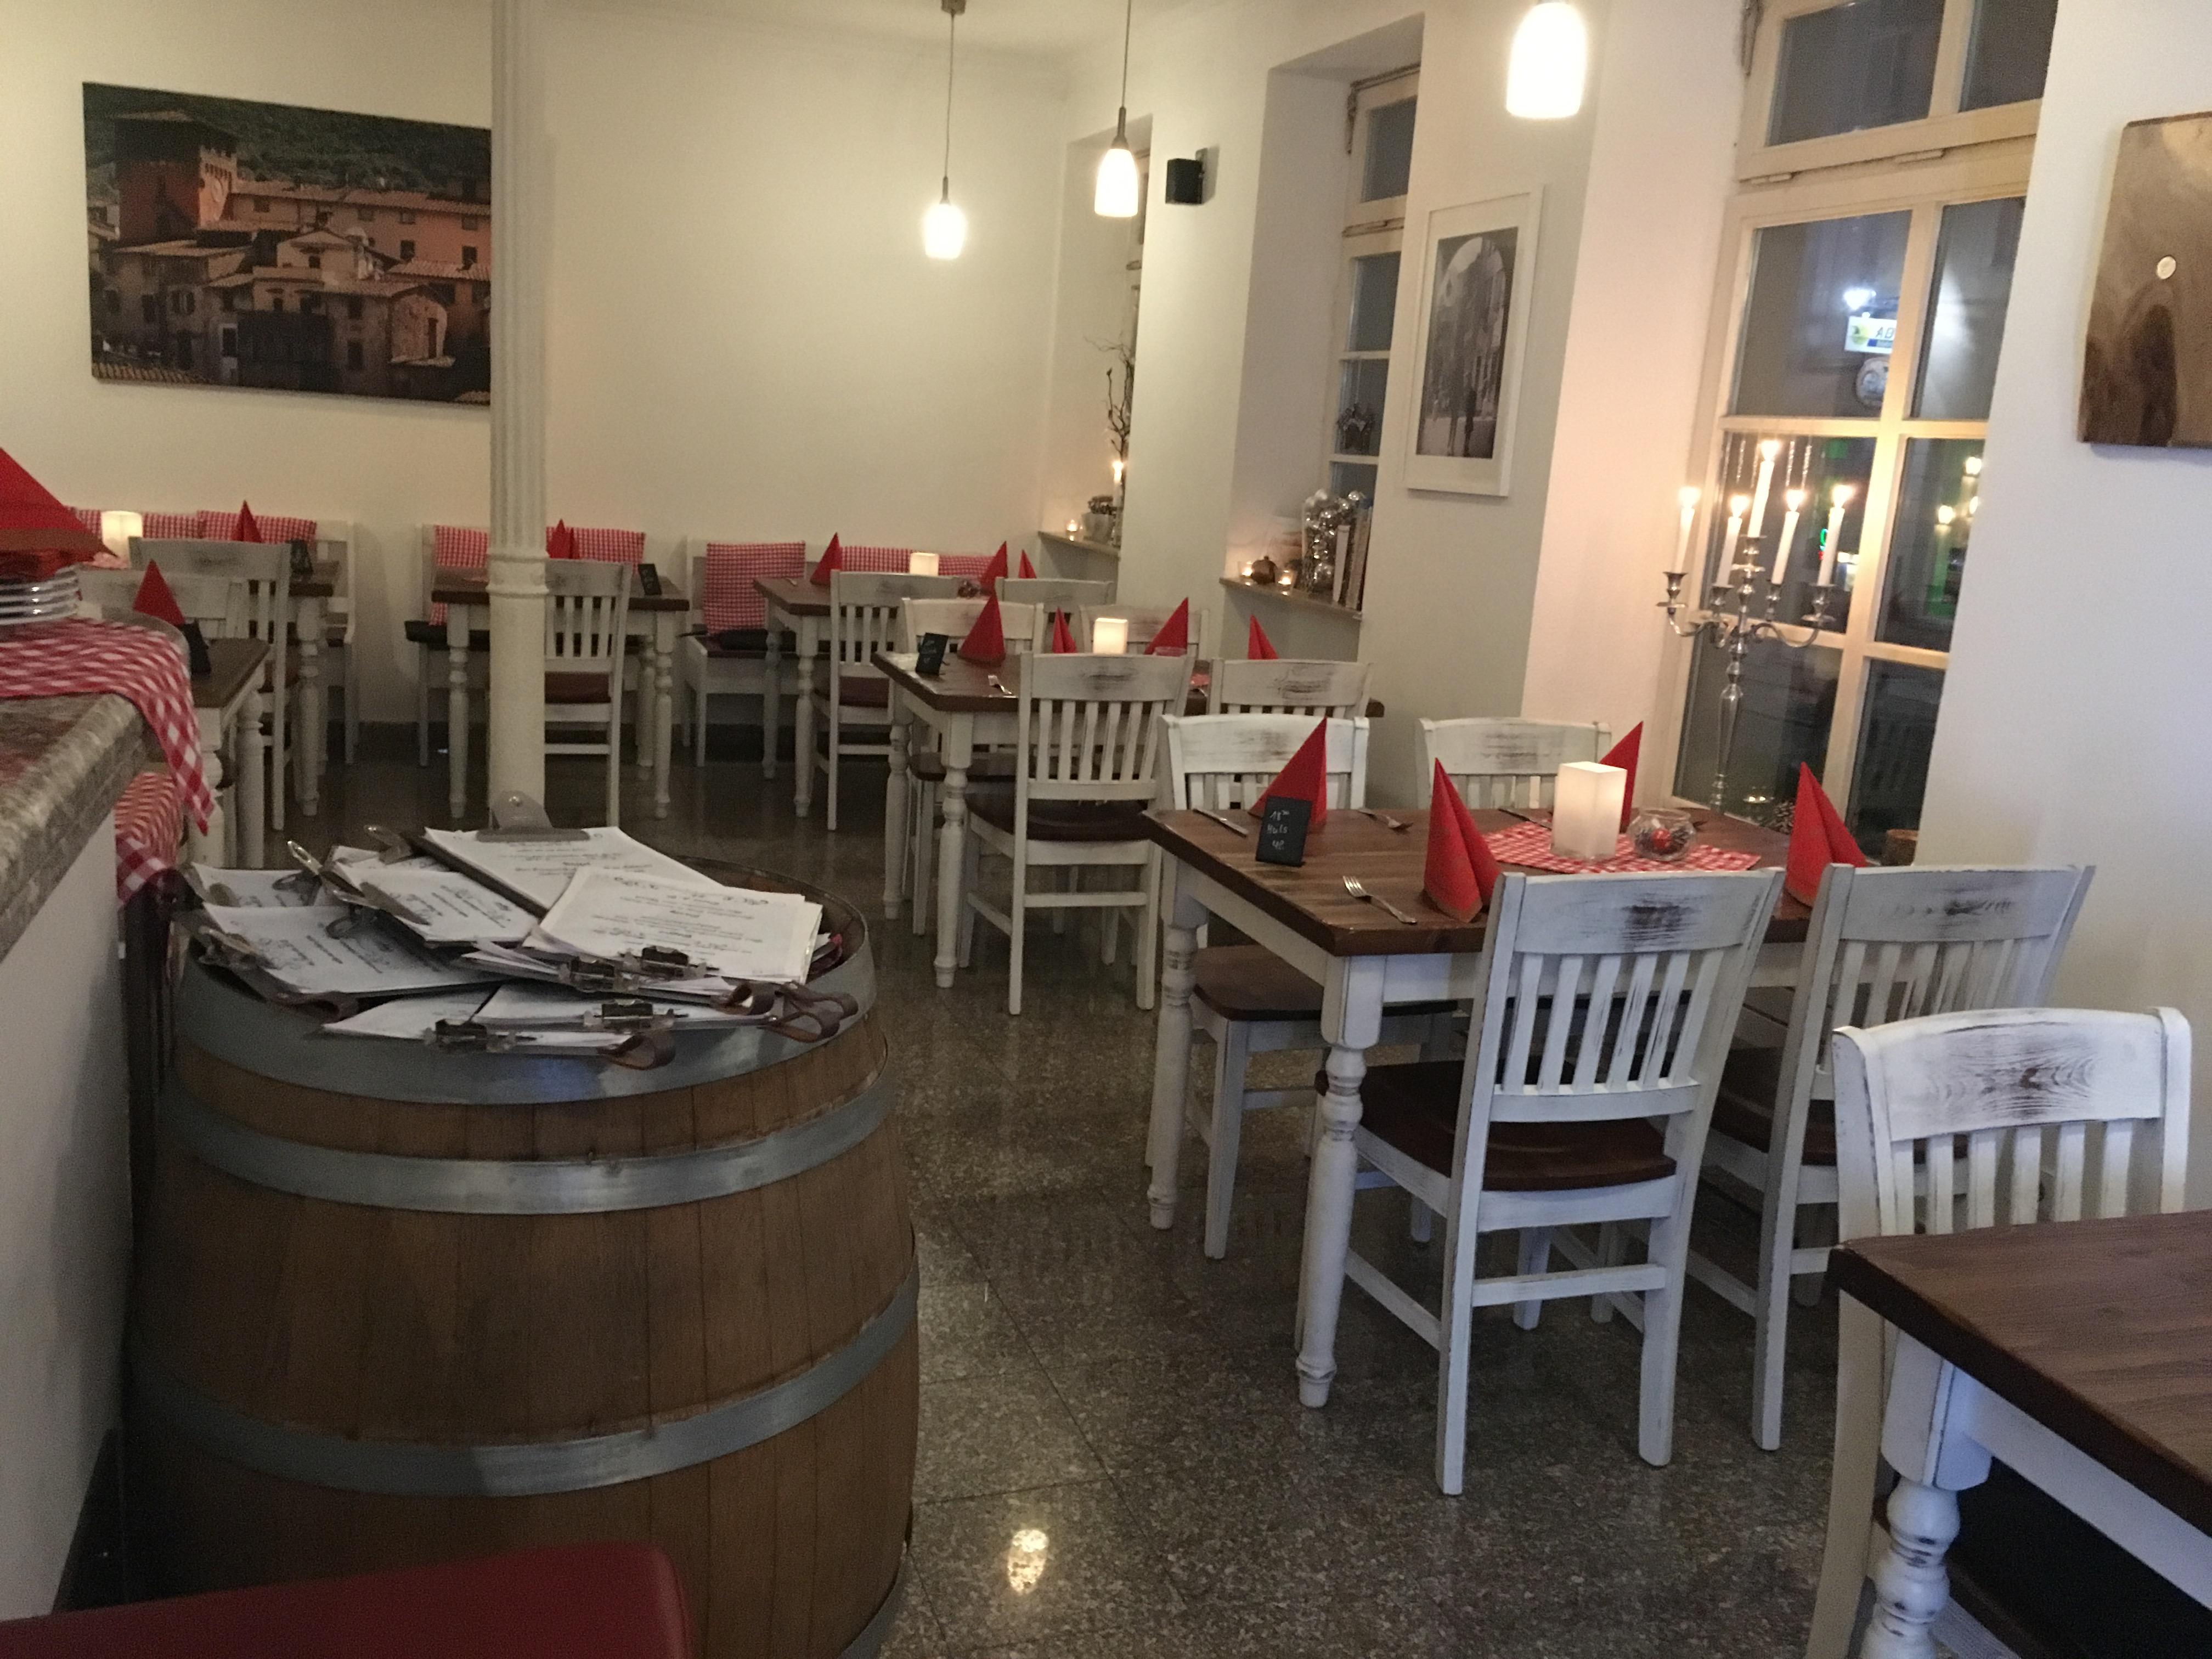 restaurantstuehle-im-vintage-look-ben-v-und-restaurant-tische-franca-pfa